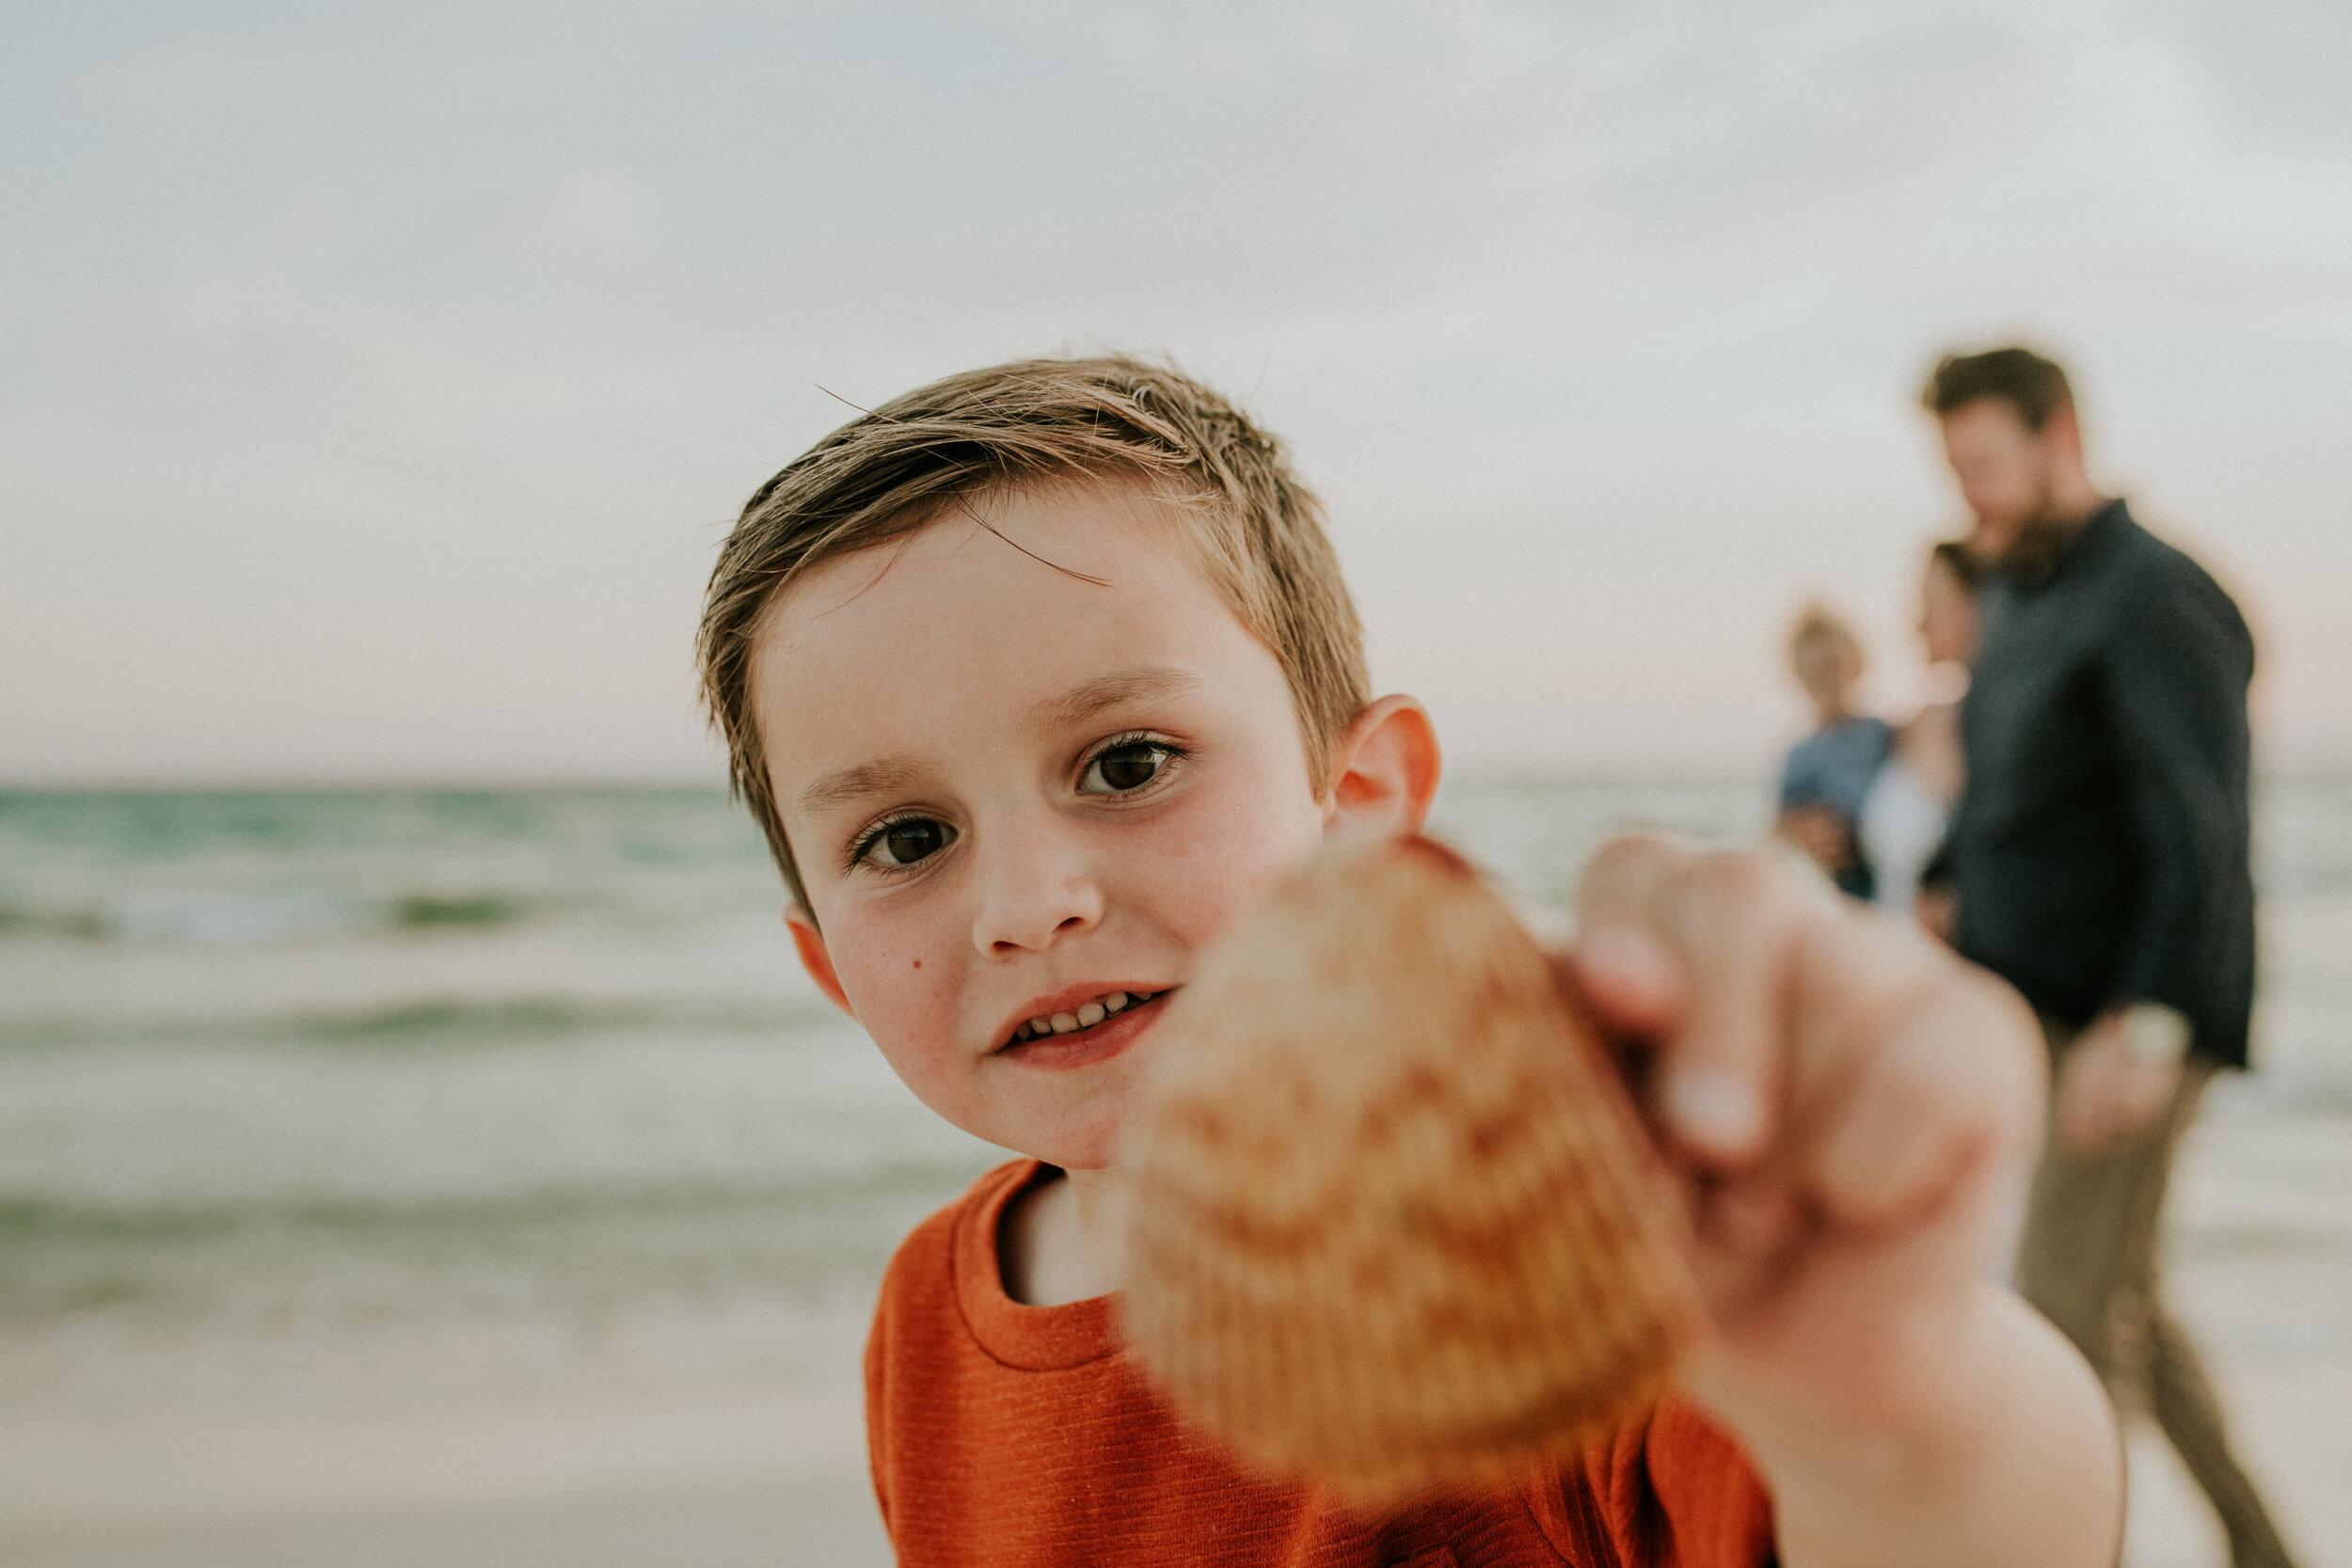 30a_Carillon_Beach_Resort_Panama_City_Beach_Family_Photographer_Beach_Photos-45.jpg